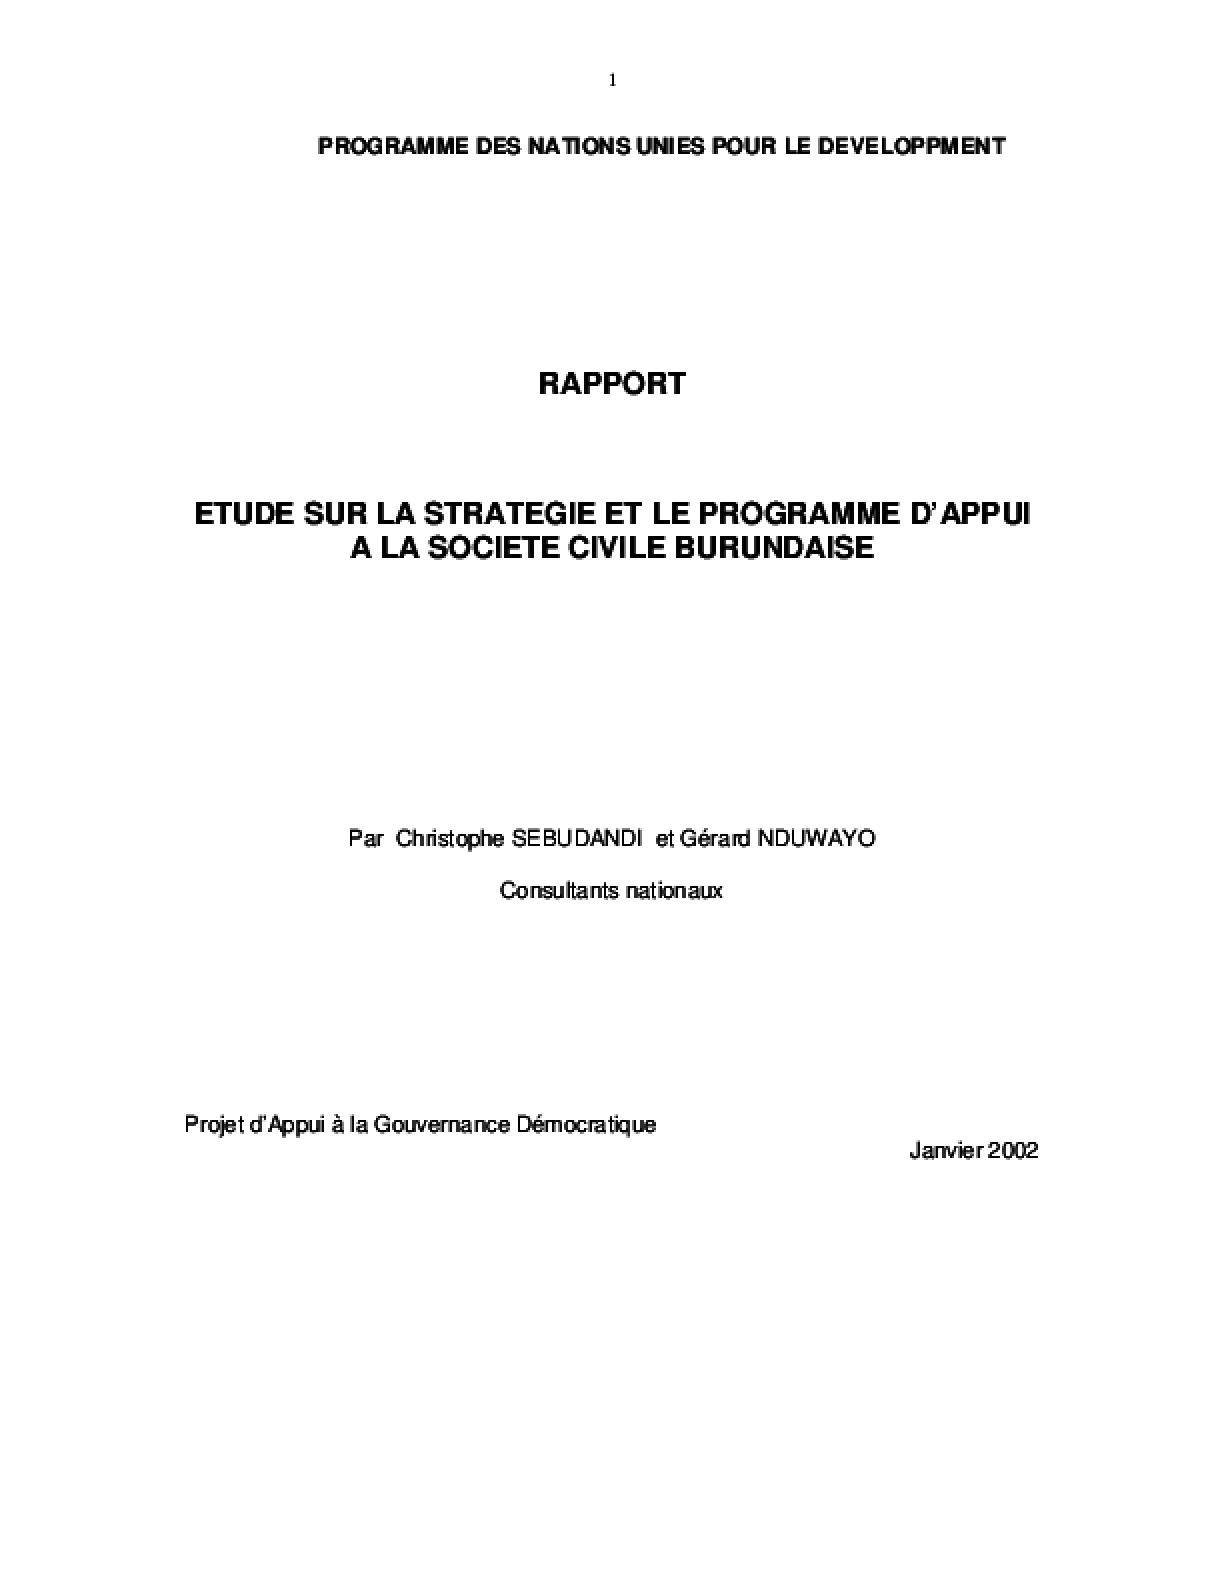 Etude Sur la Stratégie et le Programme D'appui à la Société Civile Burundaise